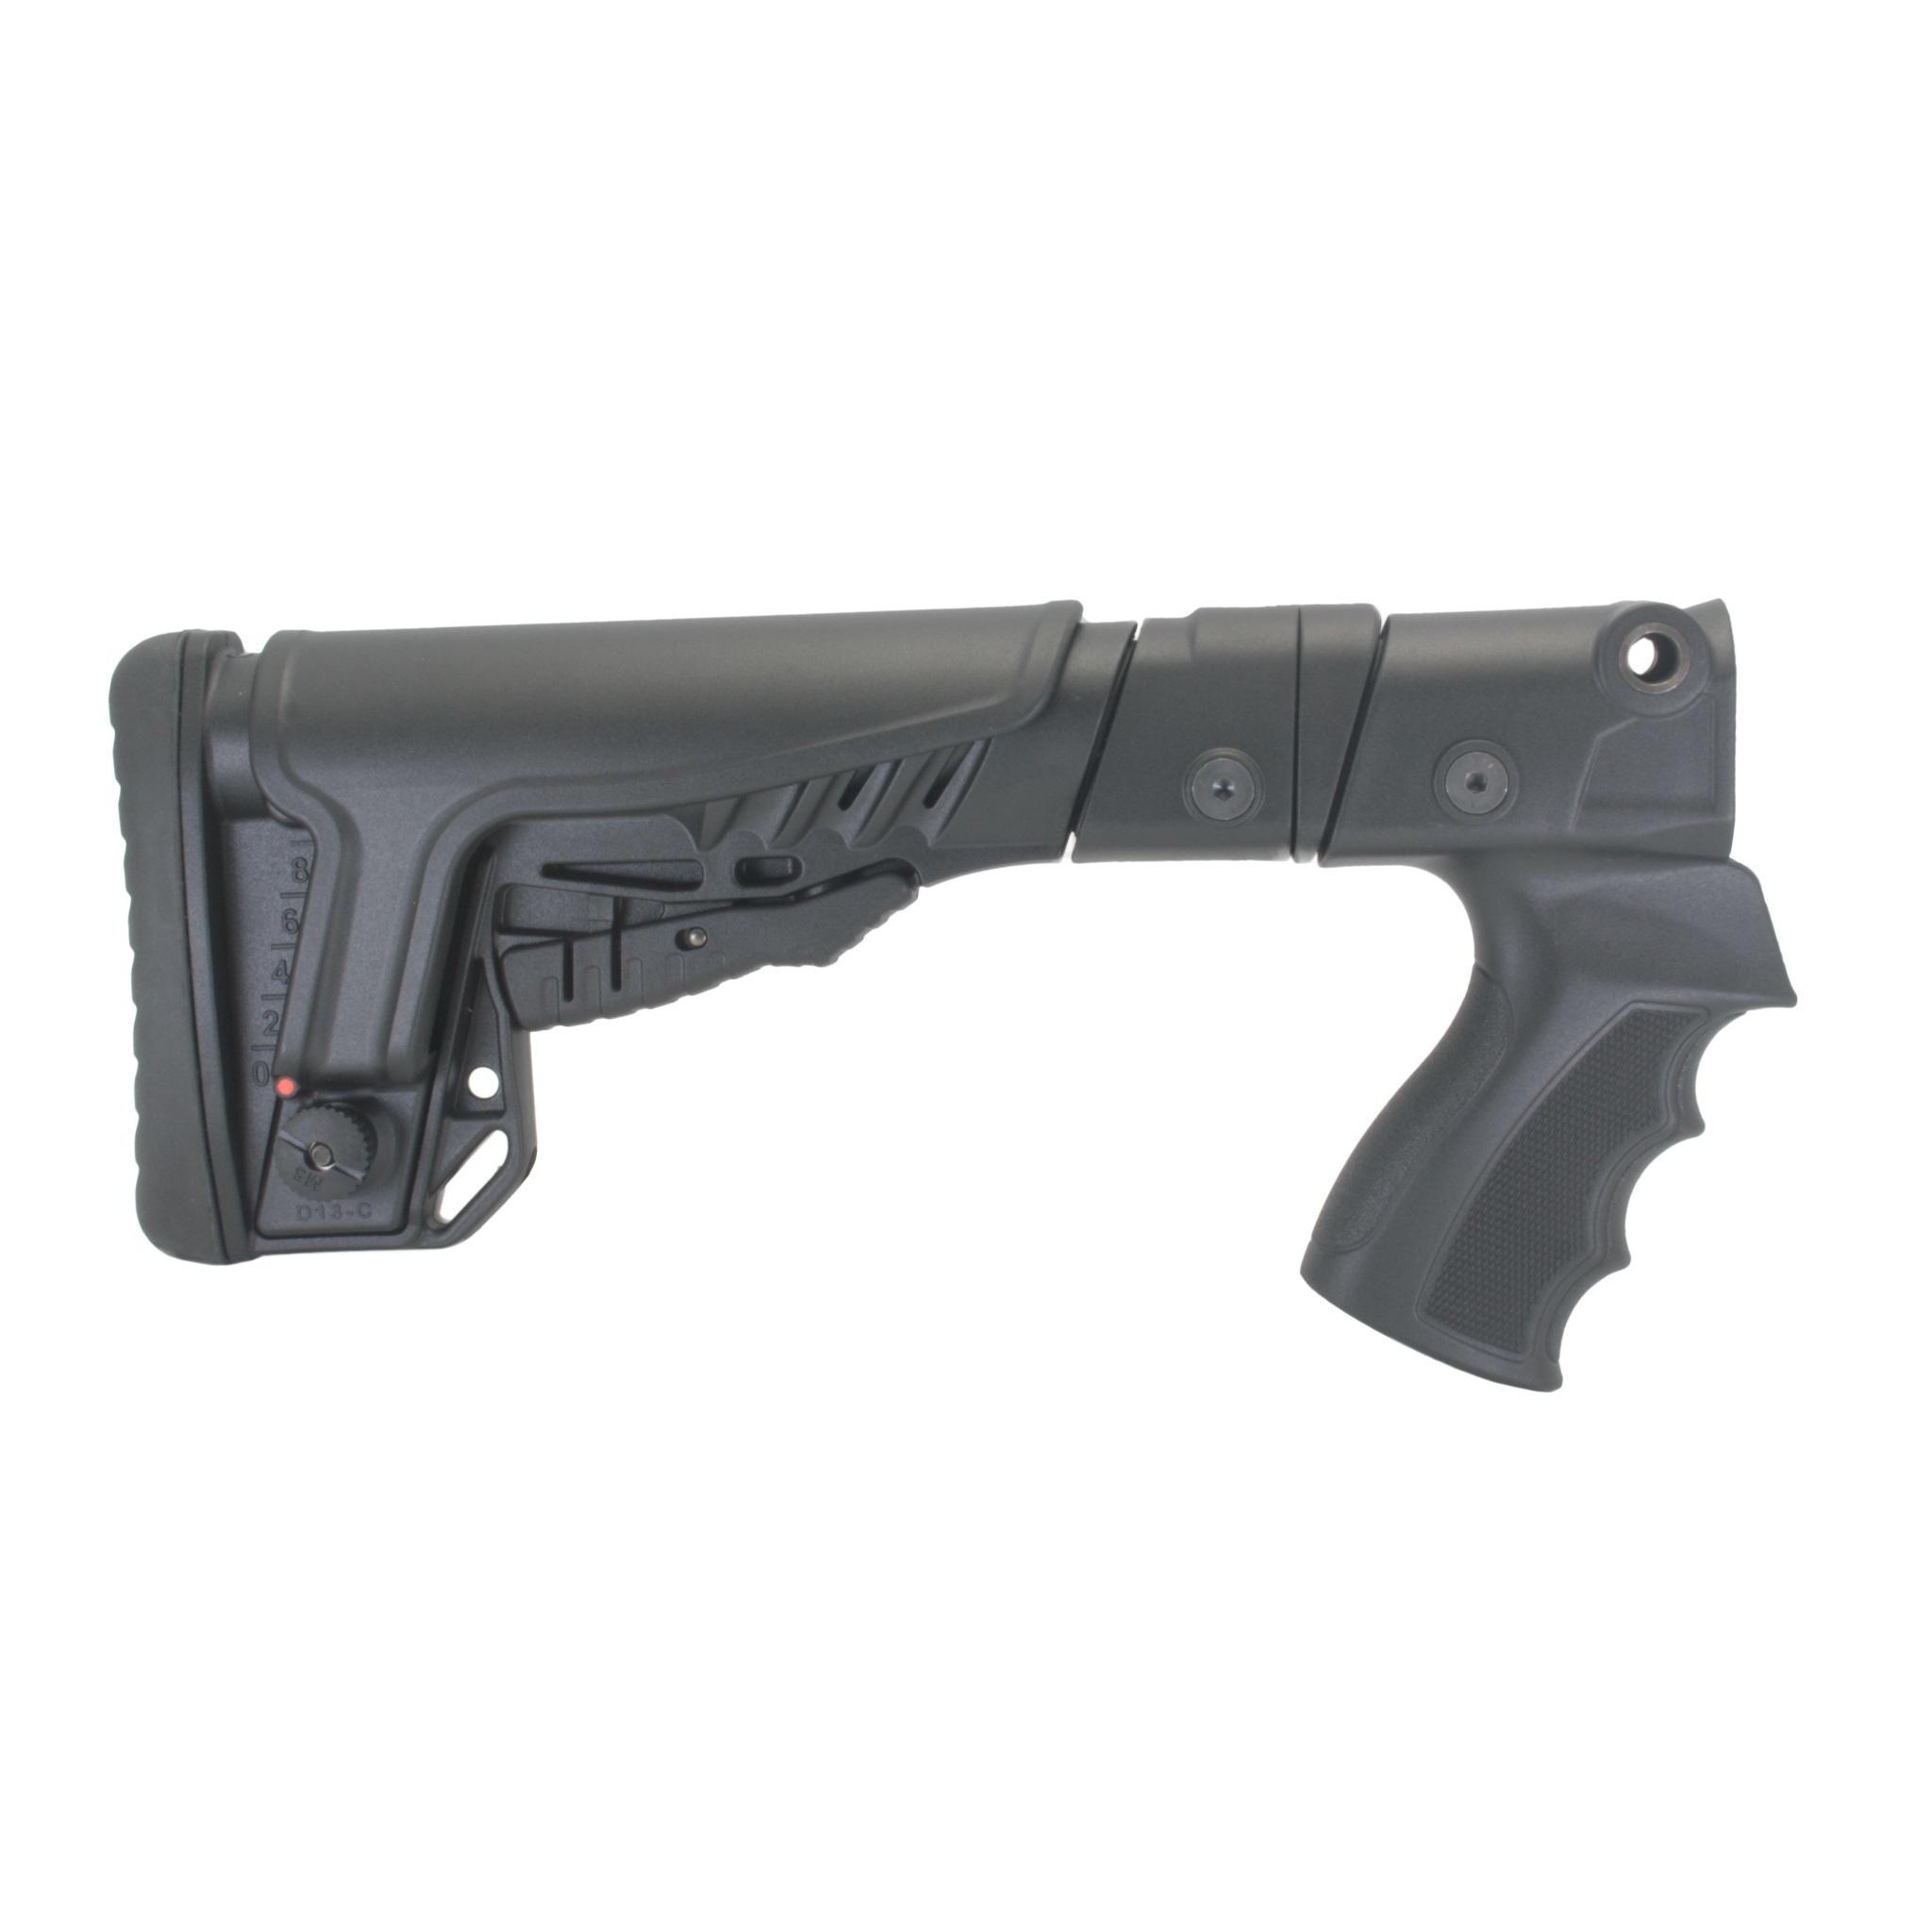 Купить Комплект: Пластиковый приклад МР-153, -133, DLG Tactical